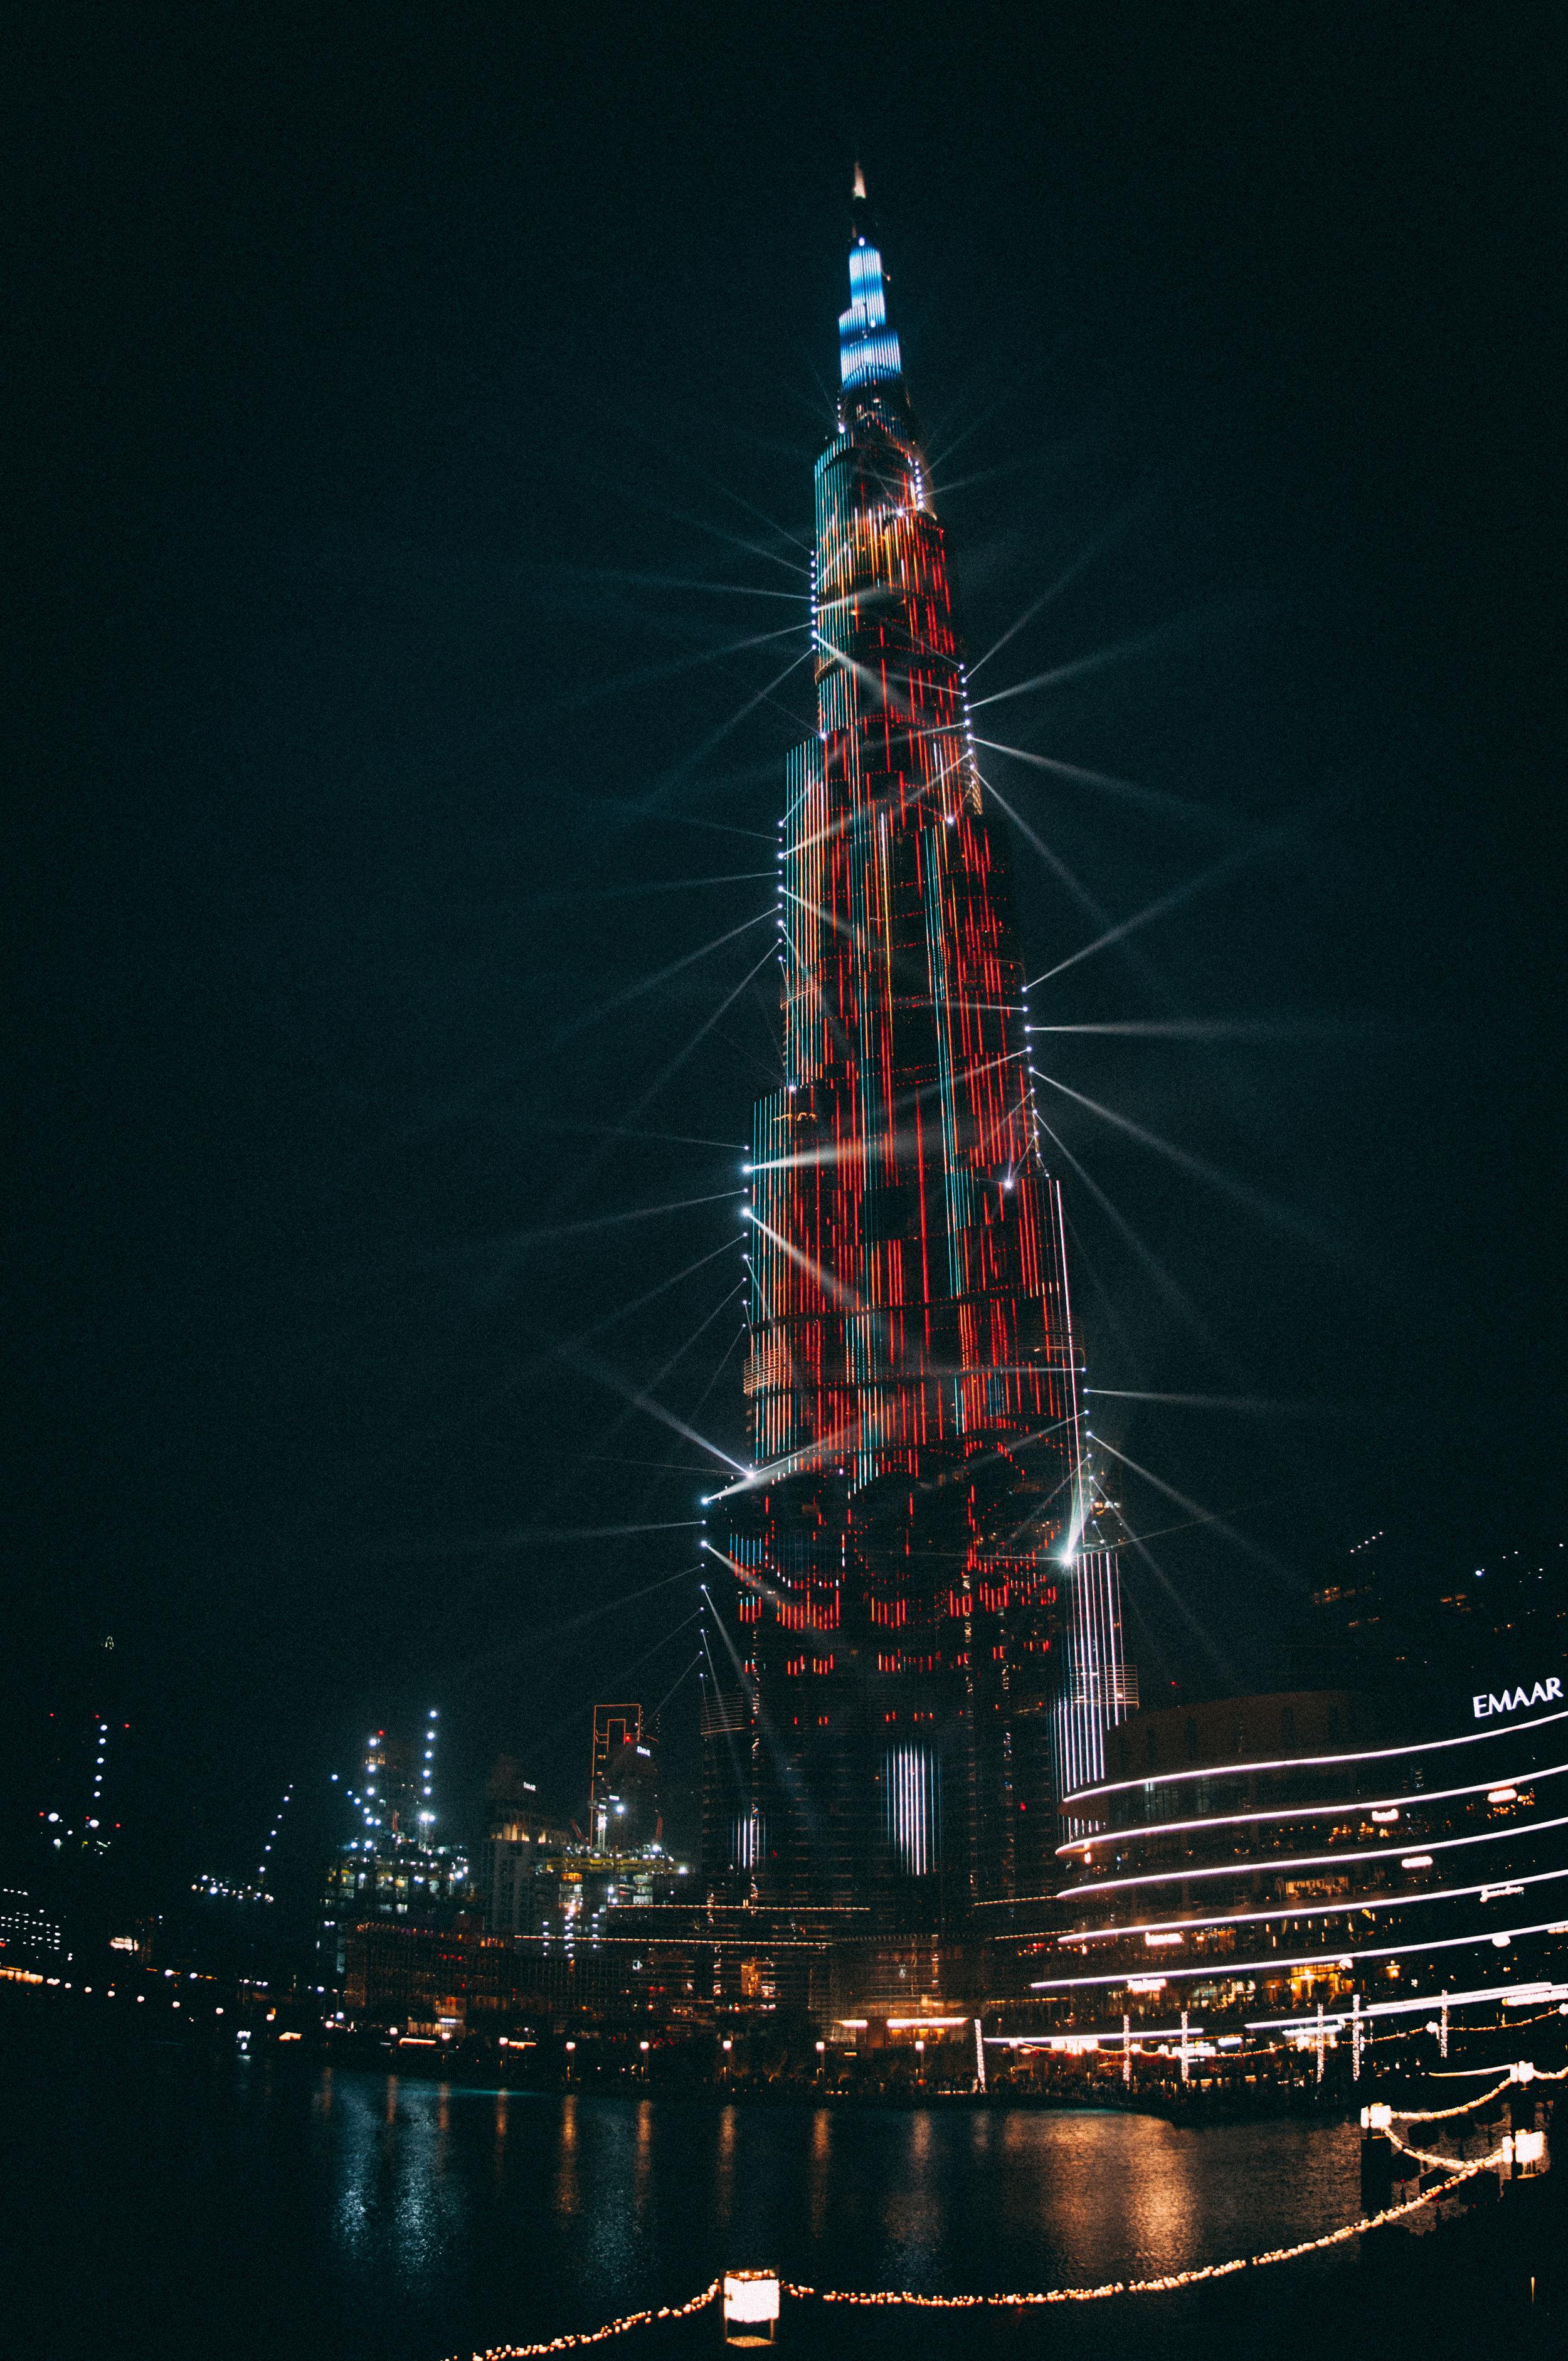 Fuentes Danzantes y Lasers - Aprecia el show de las aguas danzantes y lasers en el Dubai Mall. Un espectáculo de clase mundial. Solo es comparable con el espectáculo de las aguas danzantes del Hotel Bellagio en Las Vegas. Este se da diariamente en las tardes-noches de 6:00 p.m. a 11:00 p.m. con una frecuencia de cada media hora. Durante el día hay dos espectáculos a la 1:00 p.m. y 1:30 p.m.